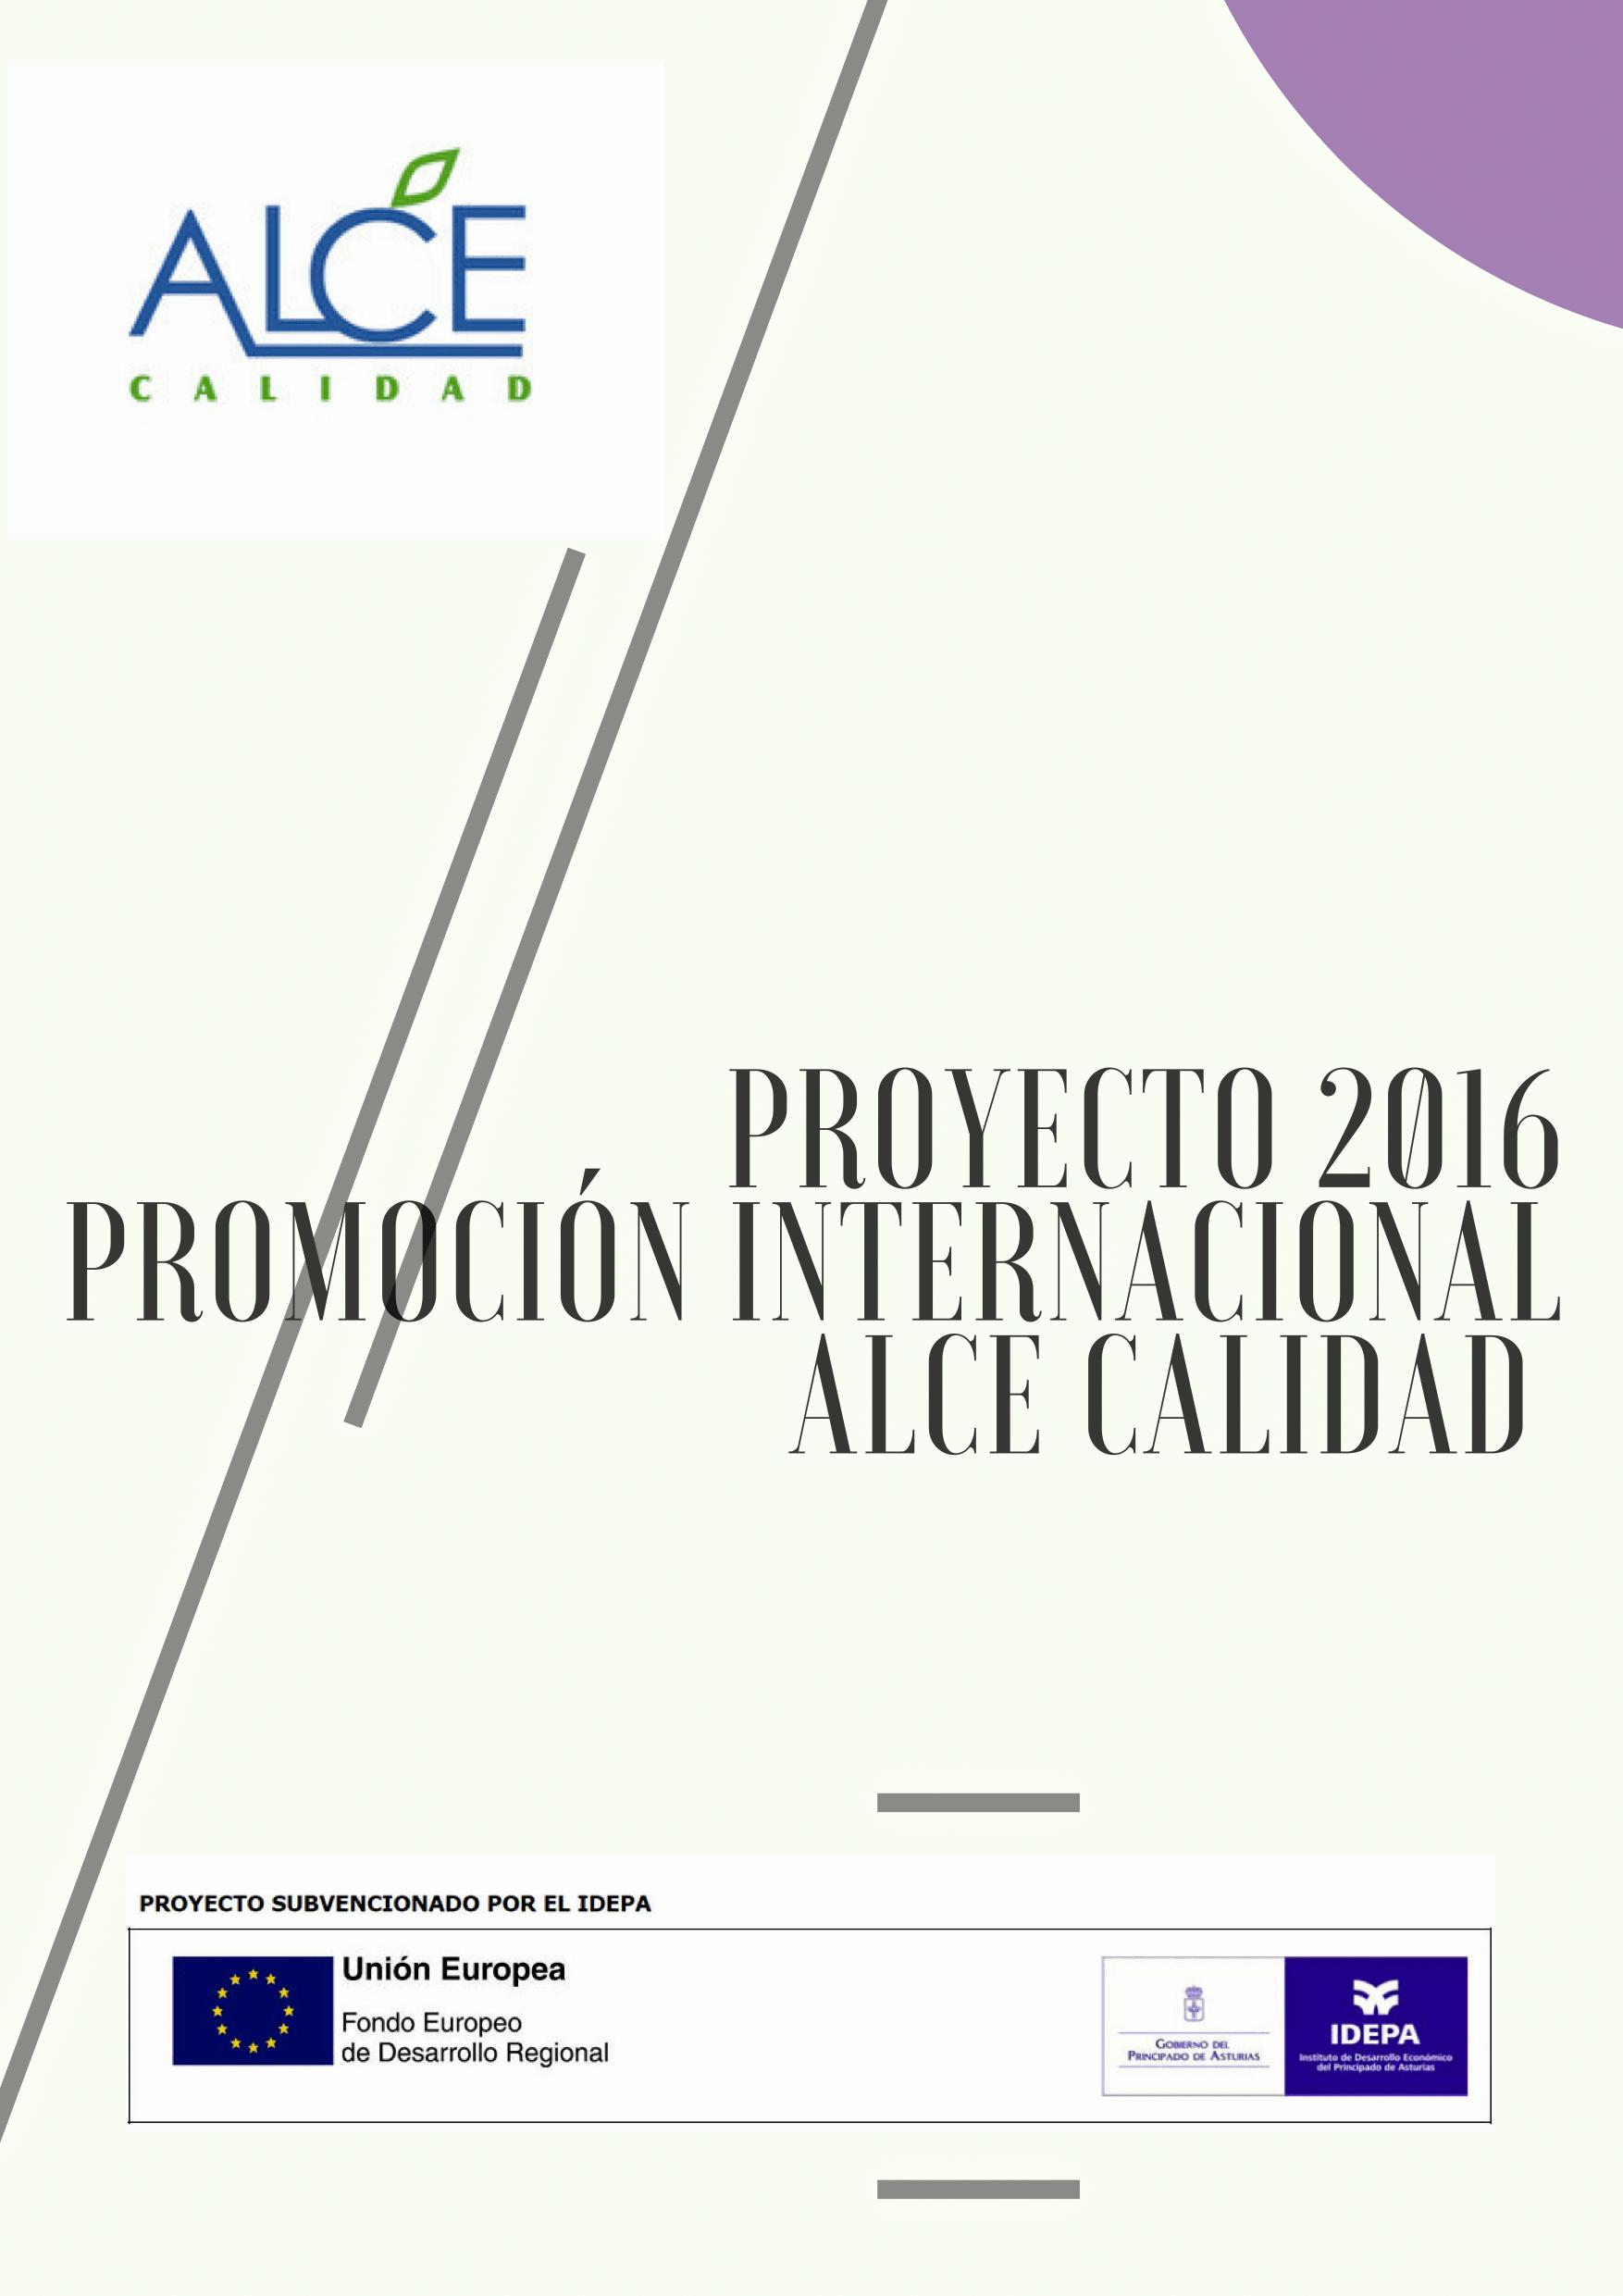 PROYECTO 2016 PROMOCIÓN INTERNACIONAL ALCE CALIDAD